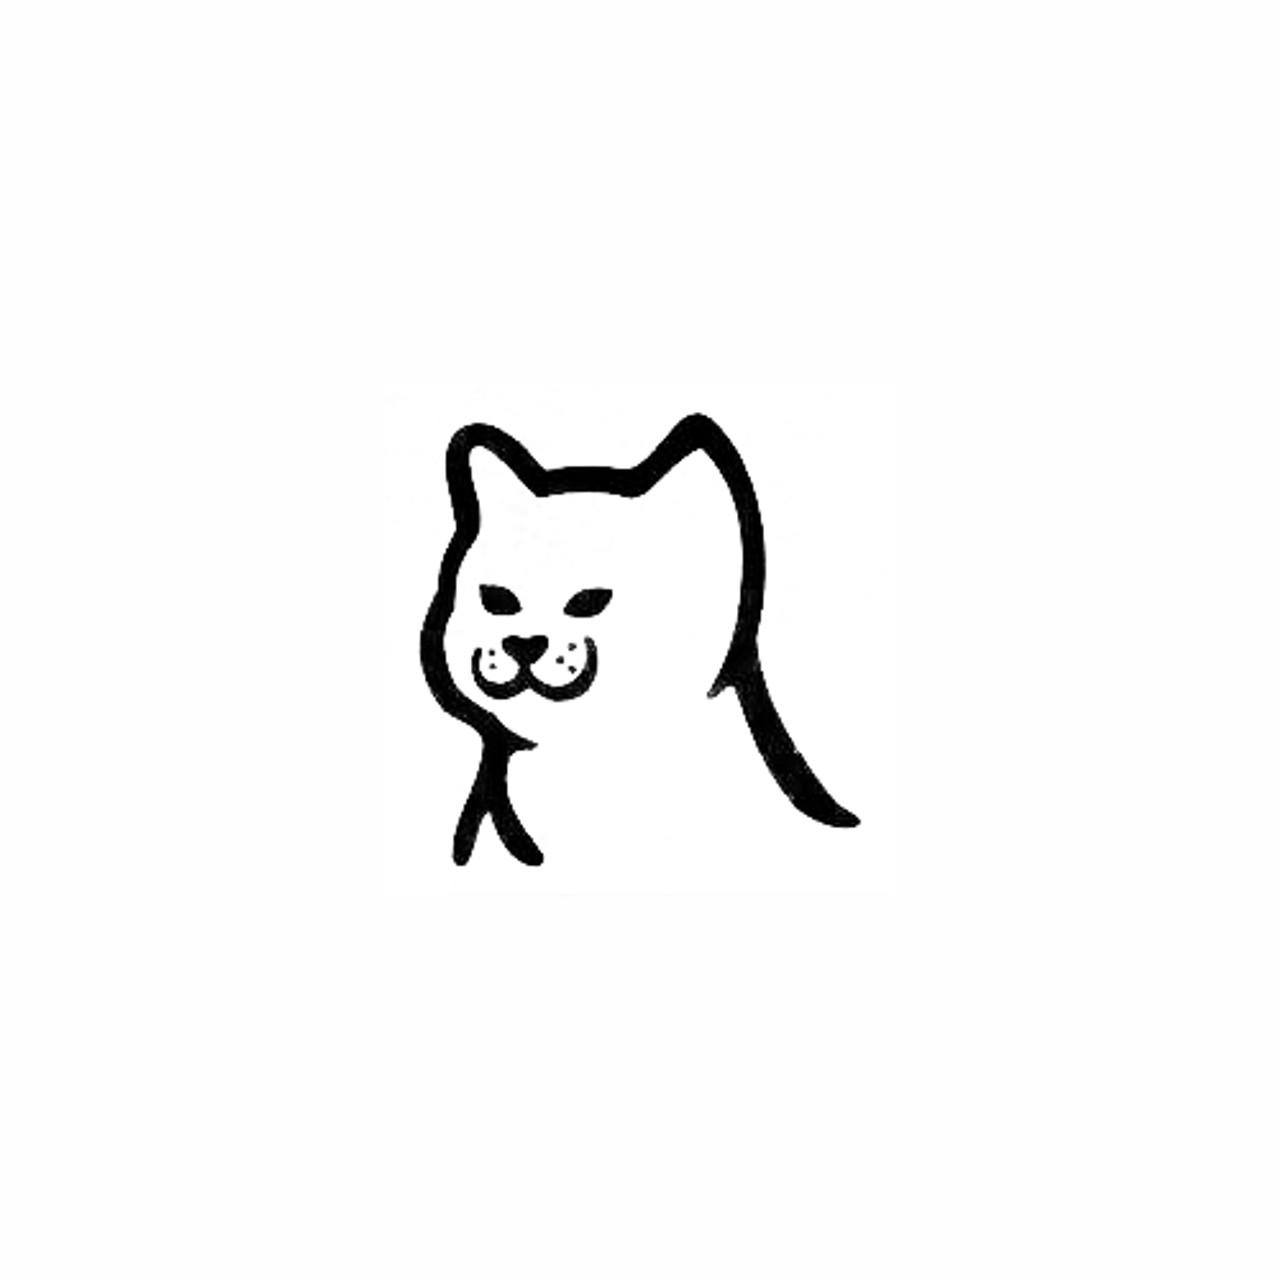 Cat Head Cartoon Outline Vinyl Decal